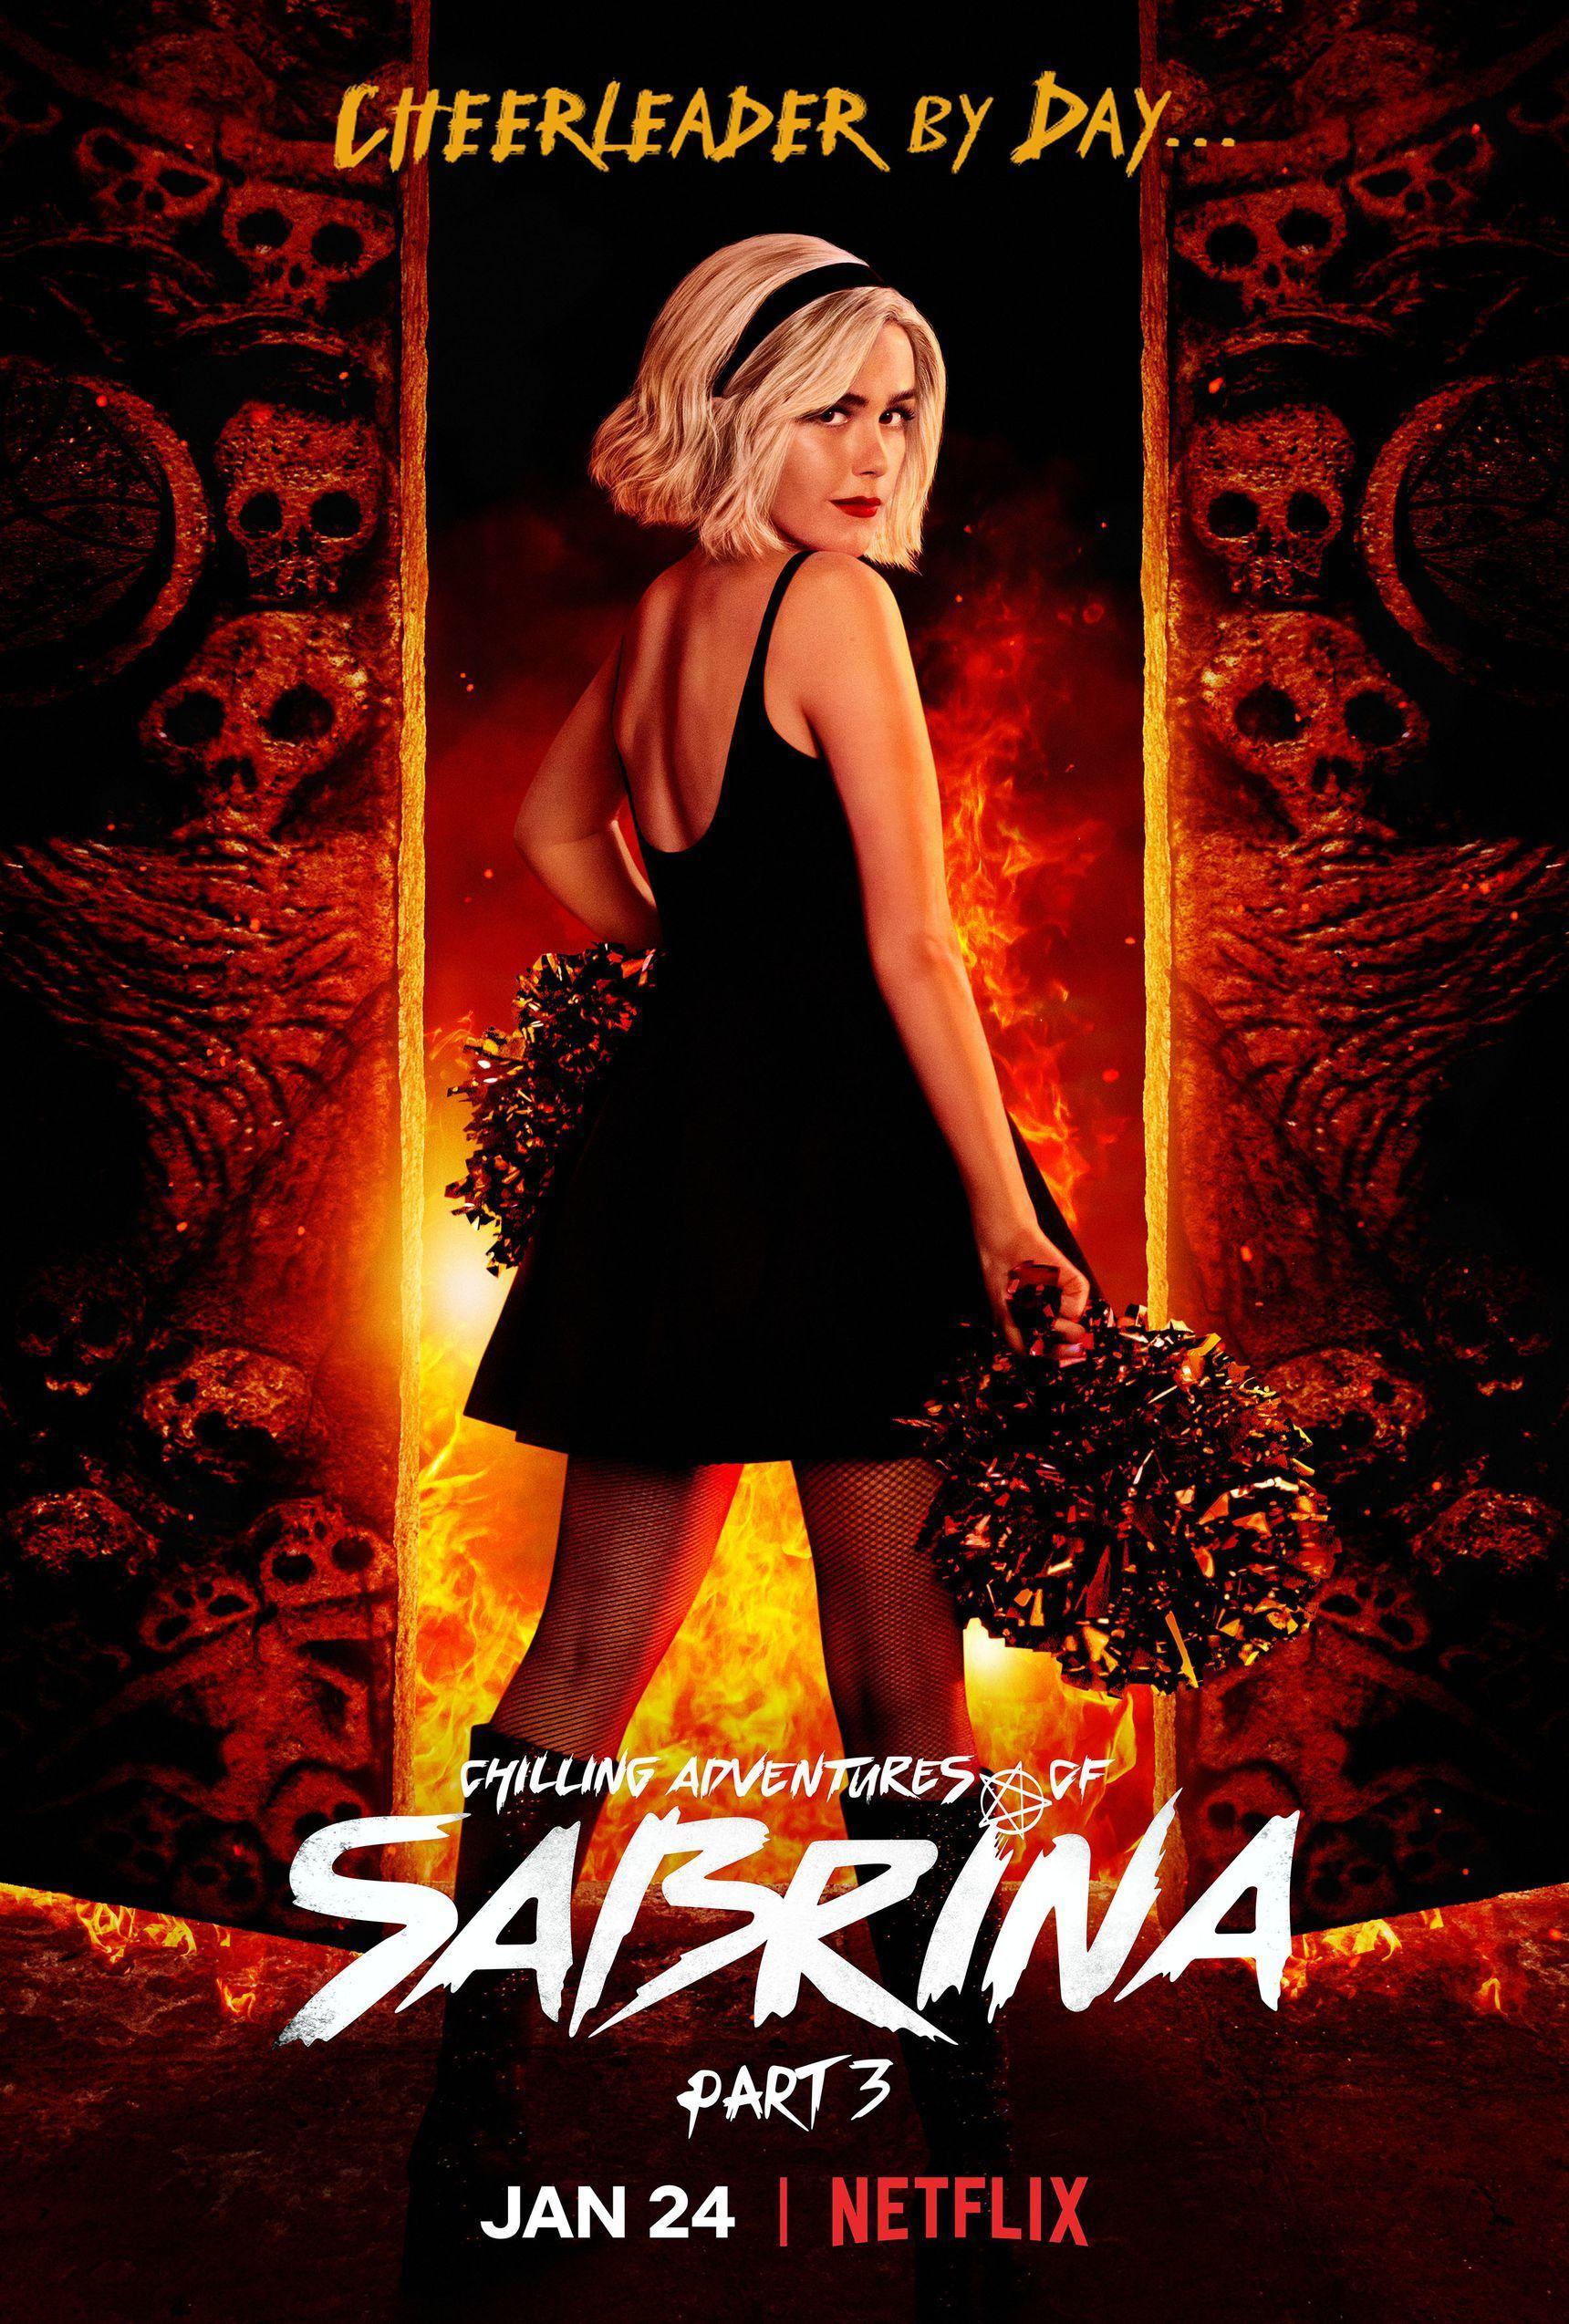 Descargar El Mundo Oculto De Sabrina Temporada 3 08 08 Latino Full Hd Mega Mediafire Fotos De Sabrina Famosos Temporada 3